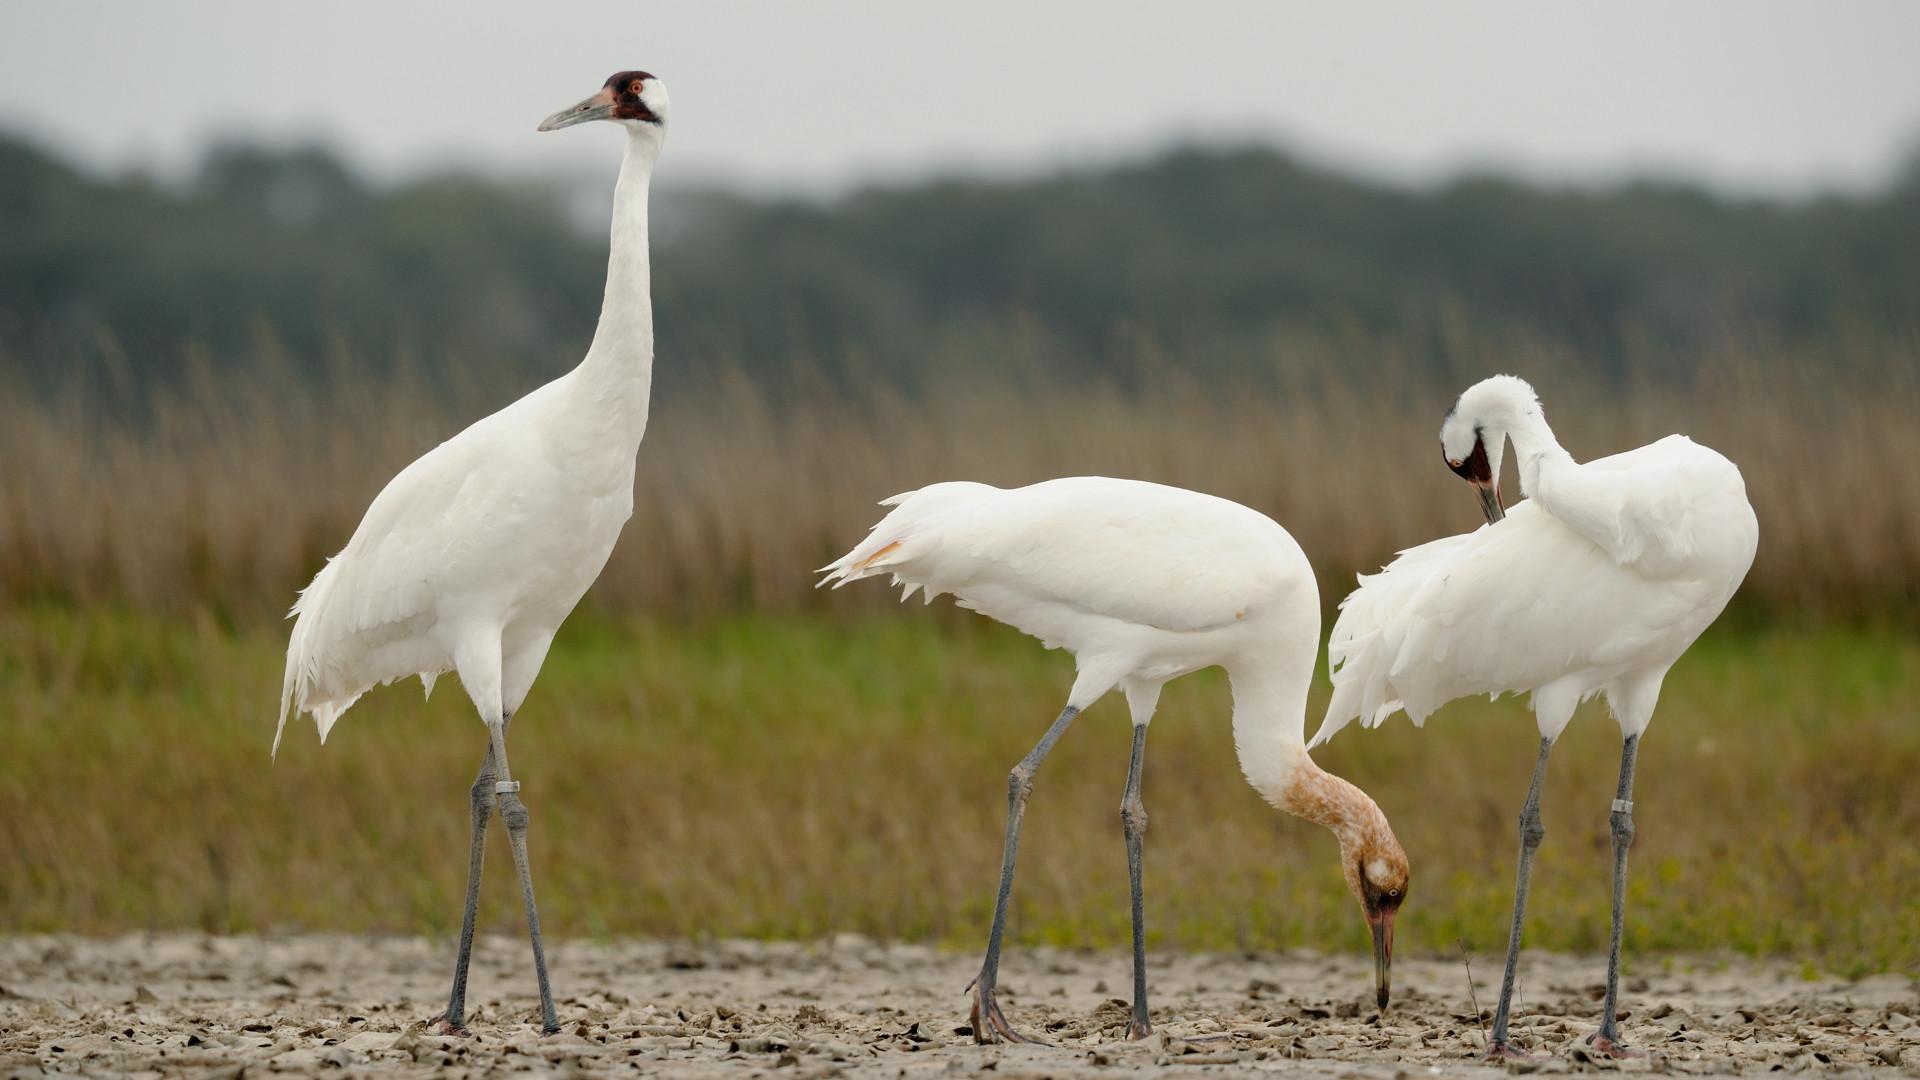 endangered species whooping cranes